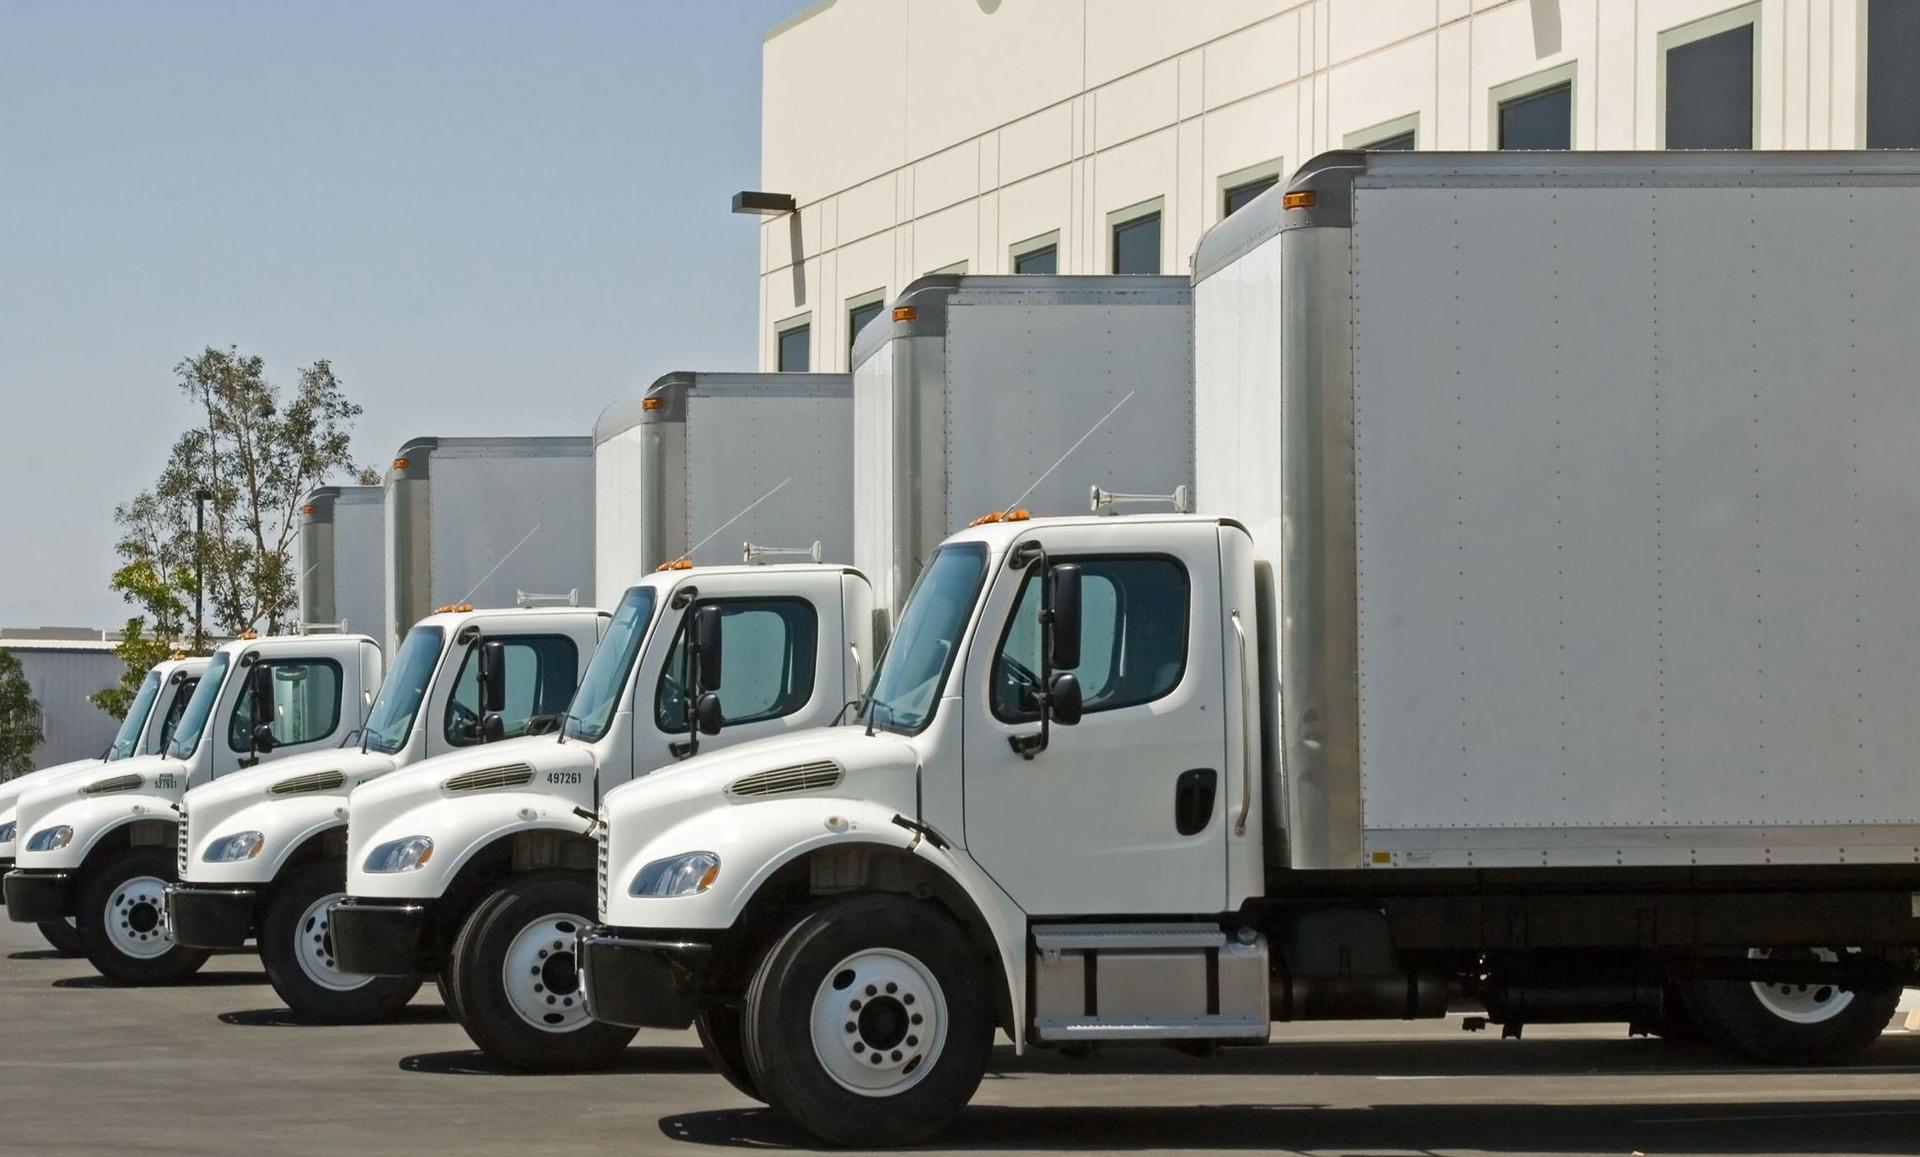 Basculas electronicas guadalajara torrey camionera - Básculas camioneras